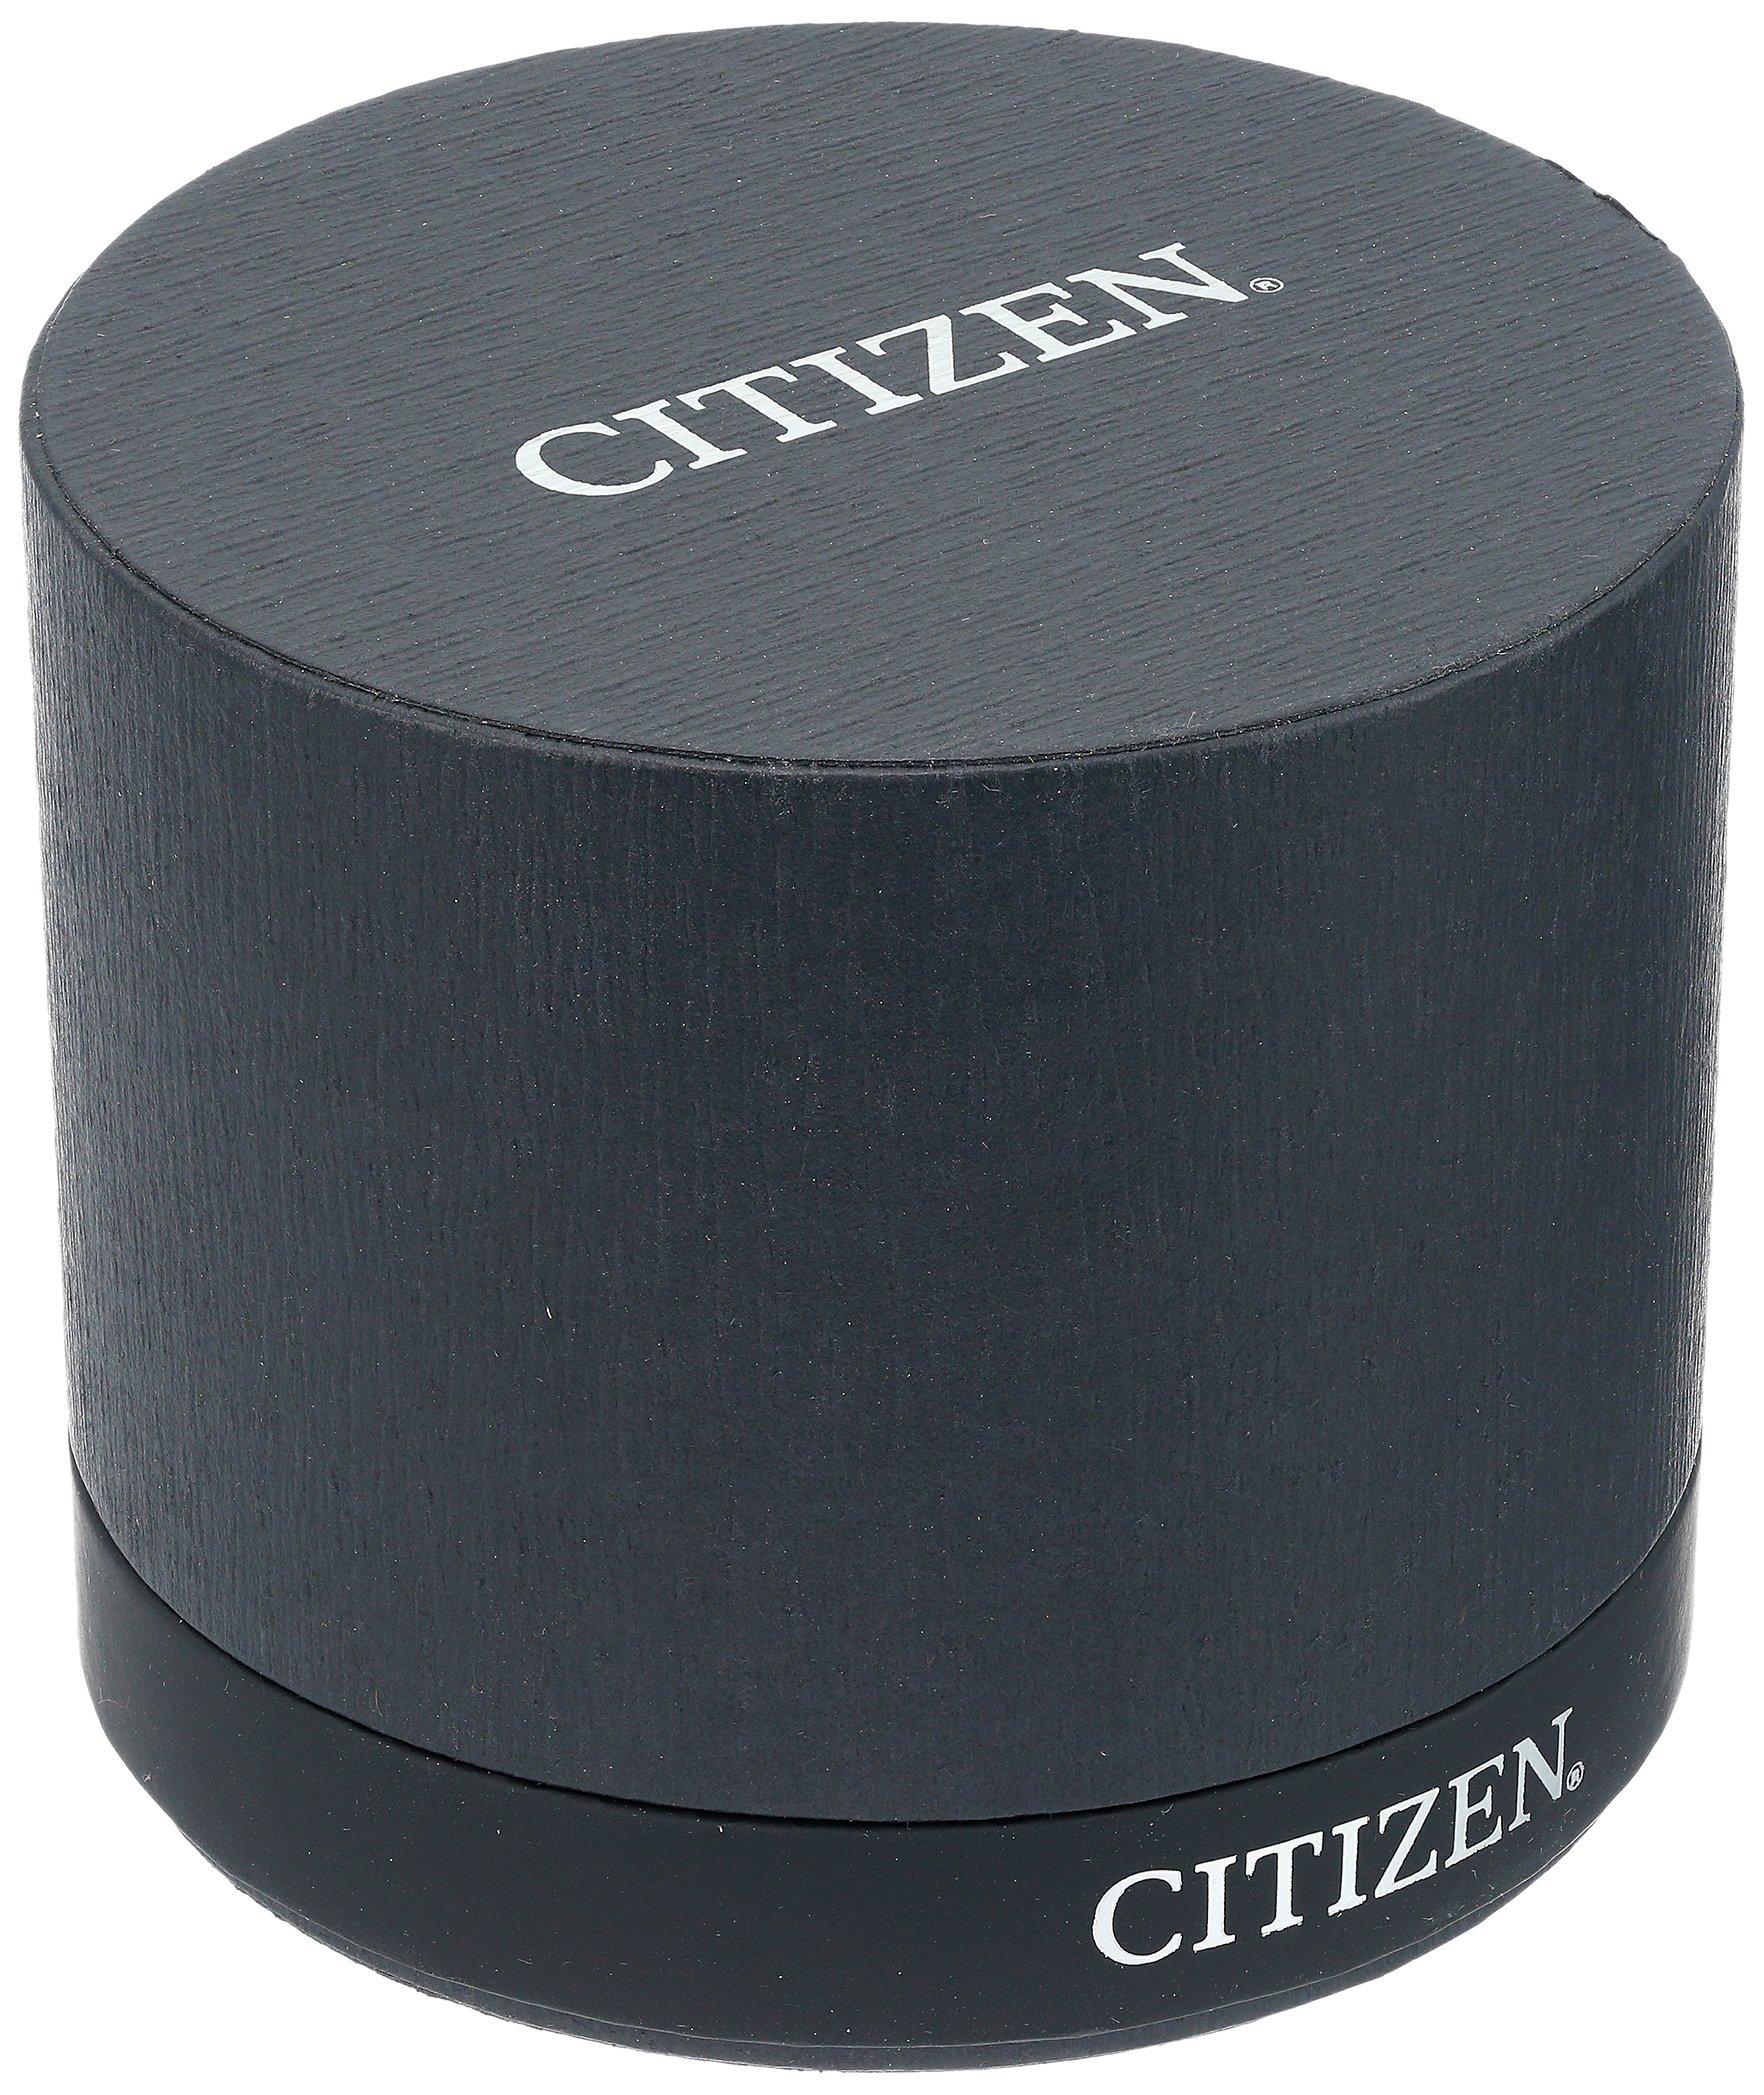 Citizen Men's Eco-Drive Titanium Quartz Brown Leather Calfskin Strap Casual Watch (Model: BL5551-06L) by Citizen (Image #3)